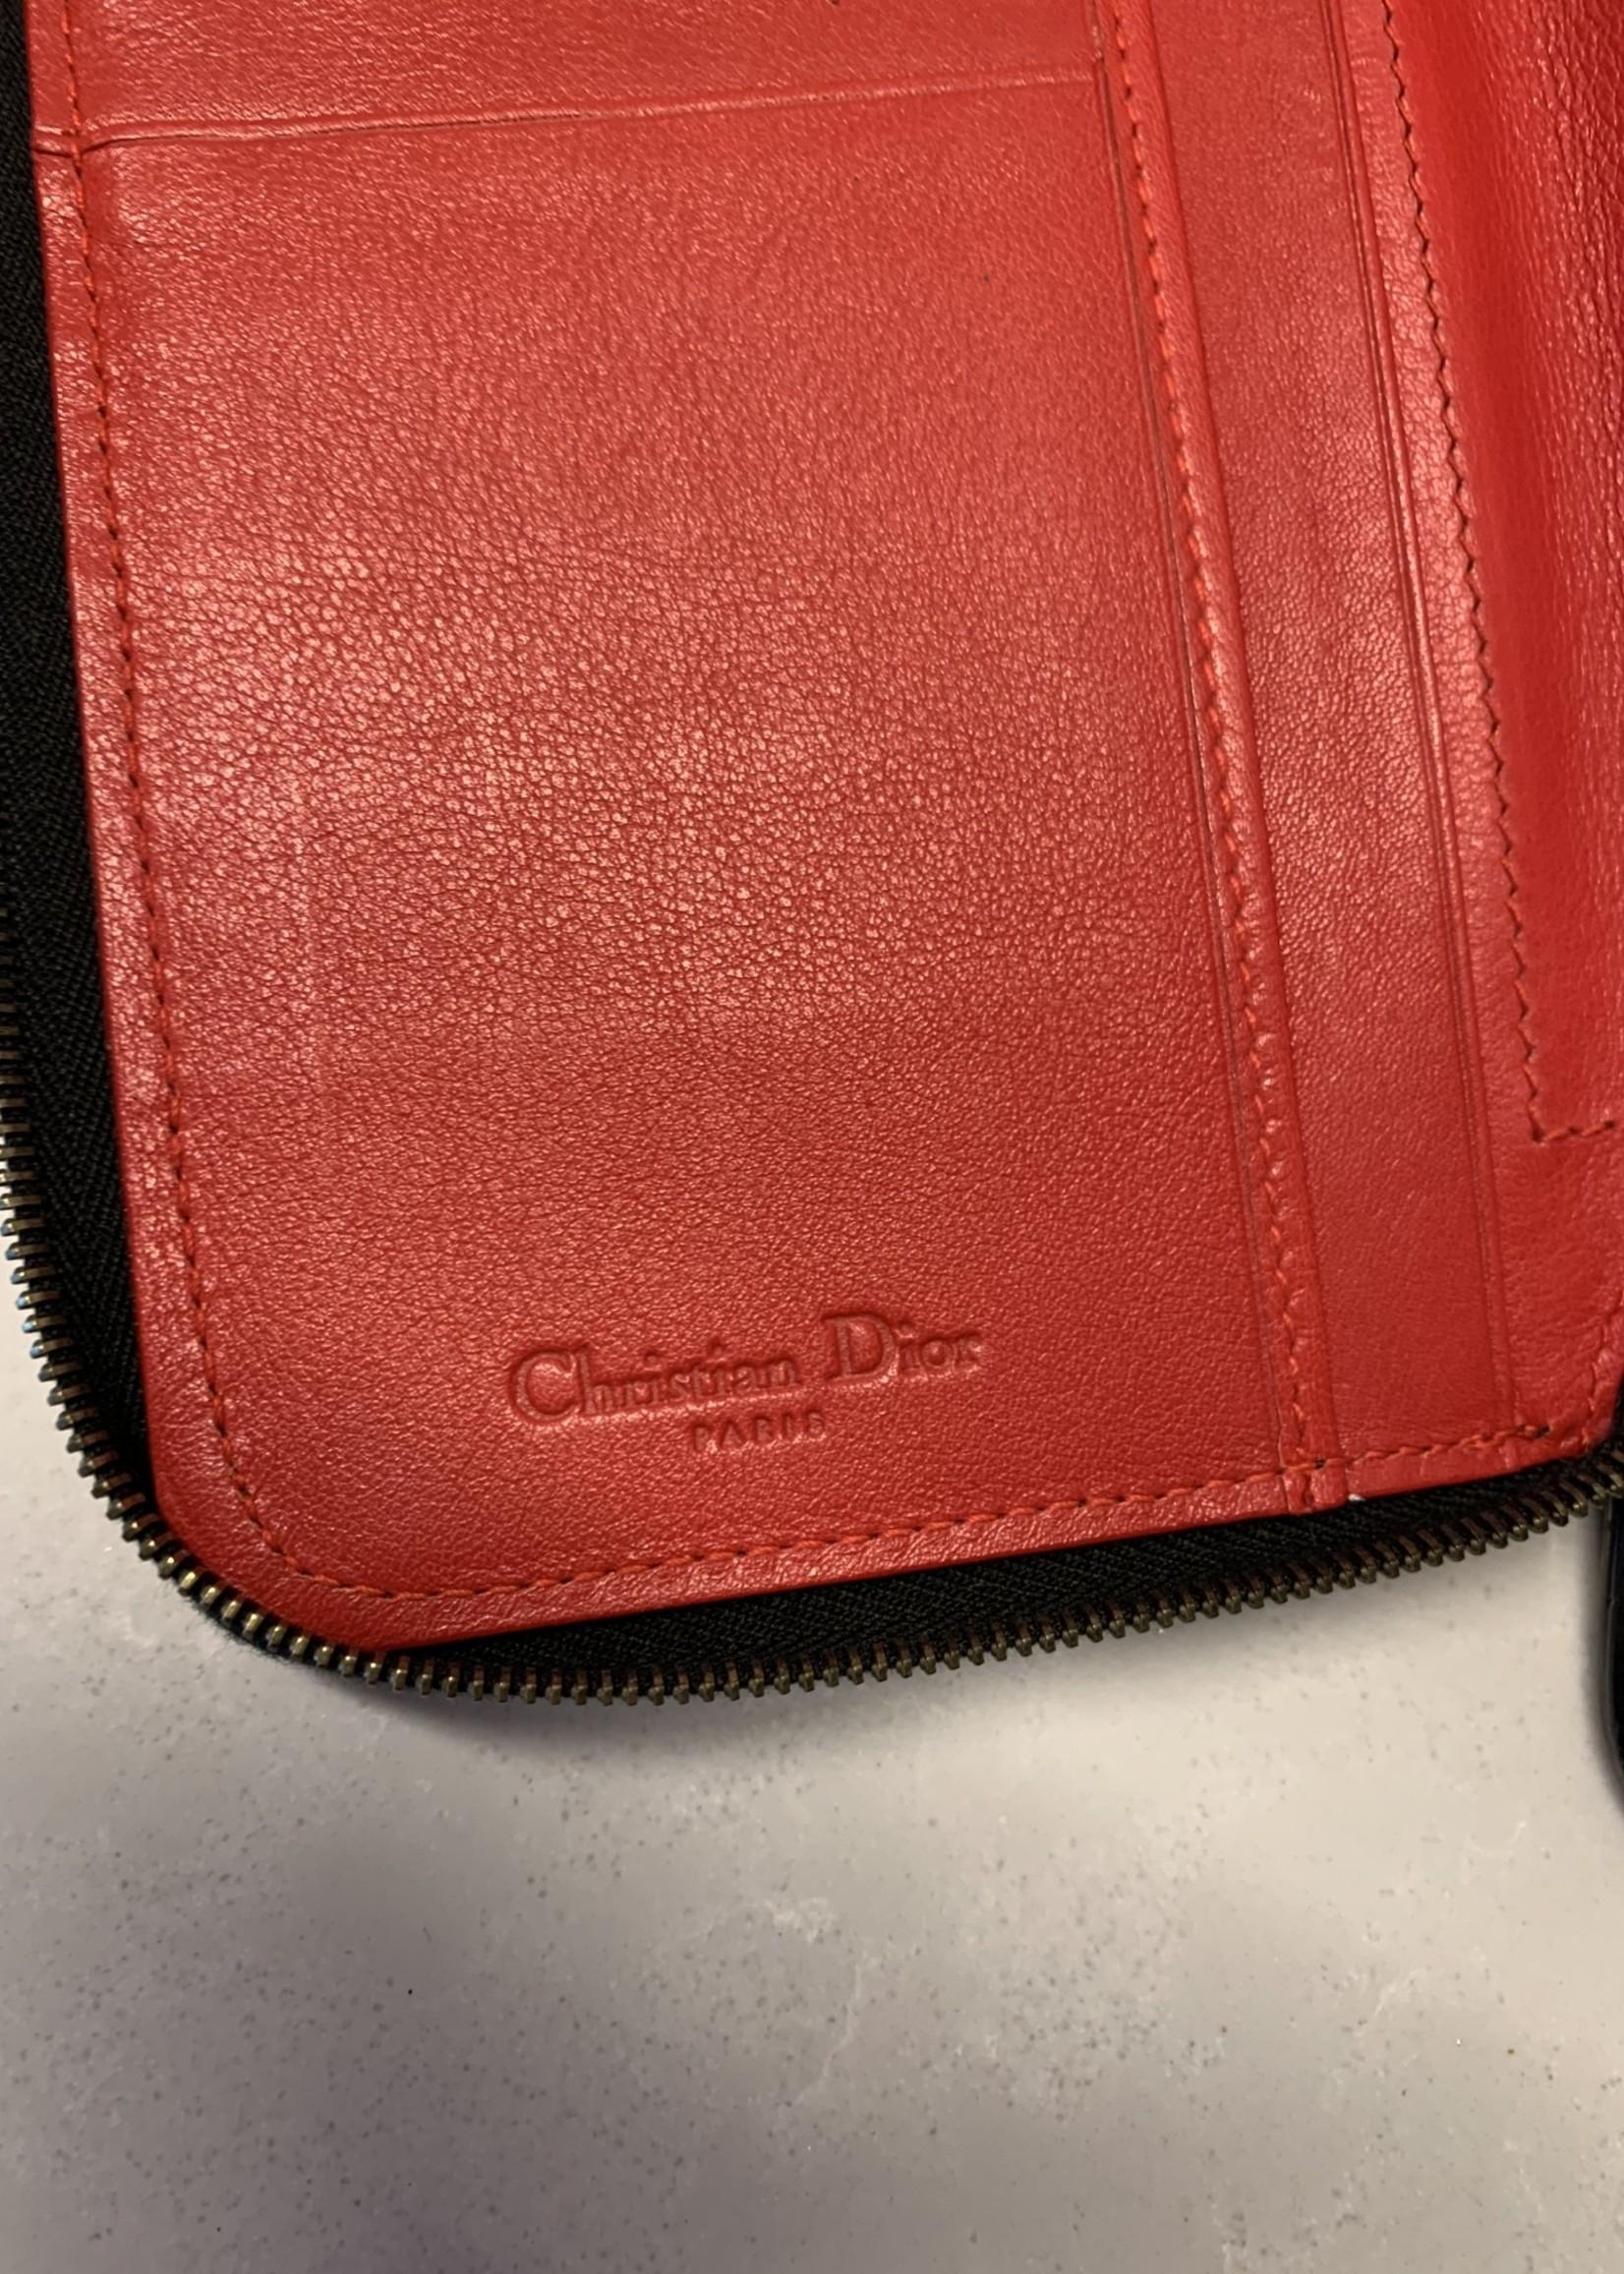 Dior Vintage Leopard Zip Around Wallet